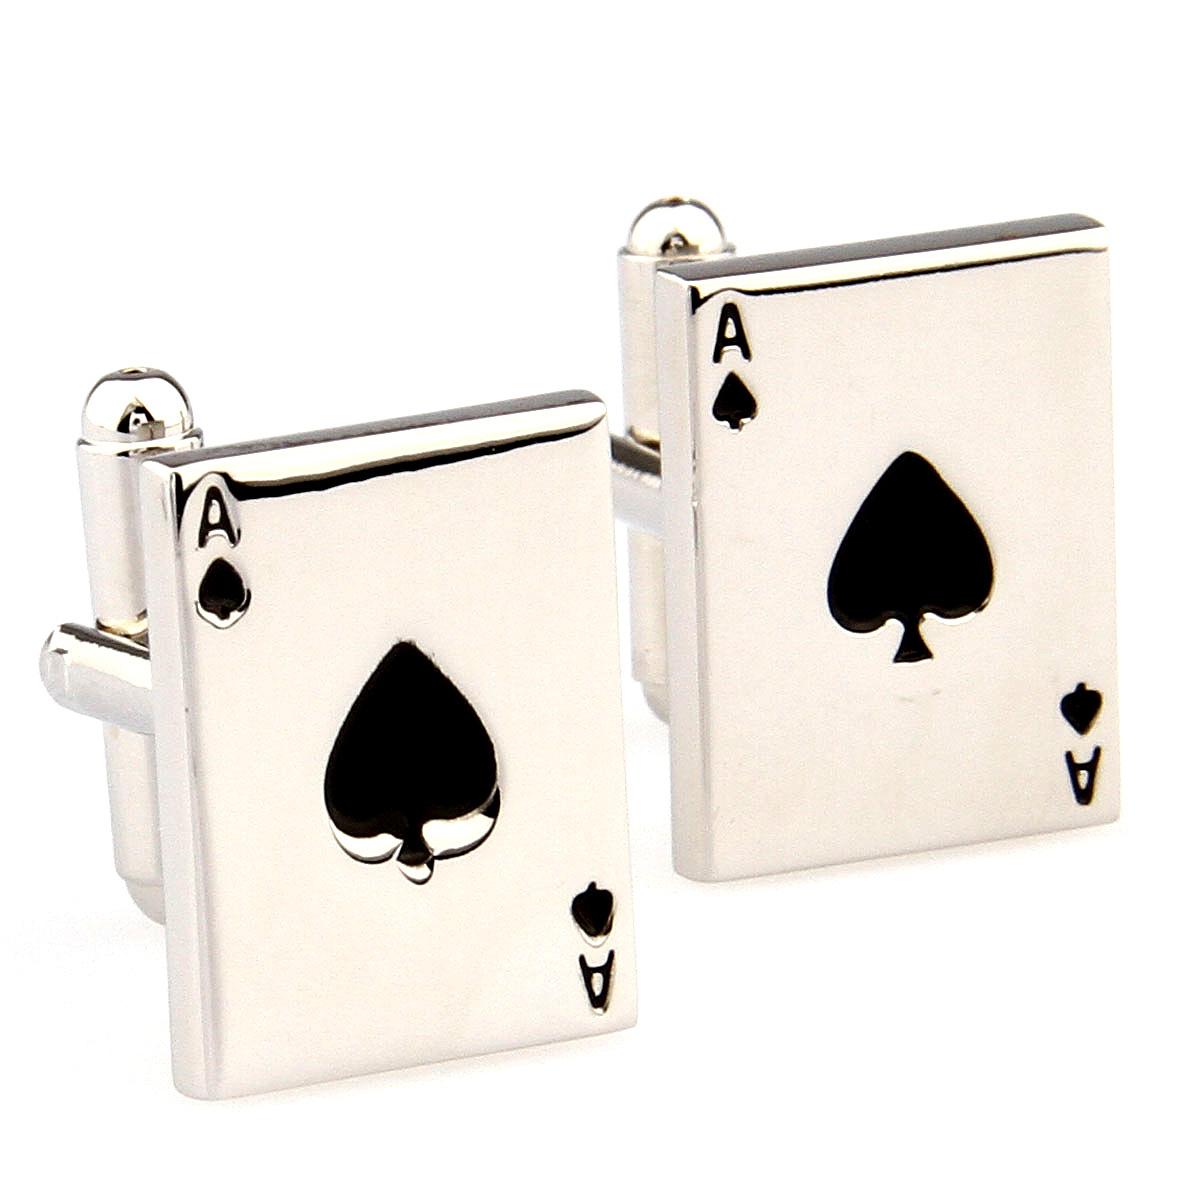 Novelty gambling gifts